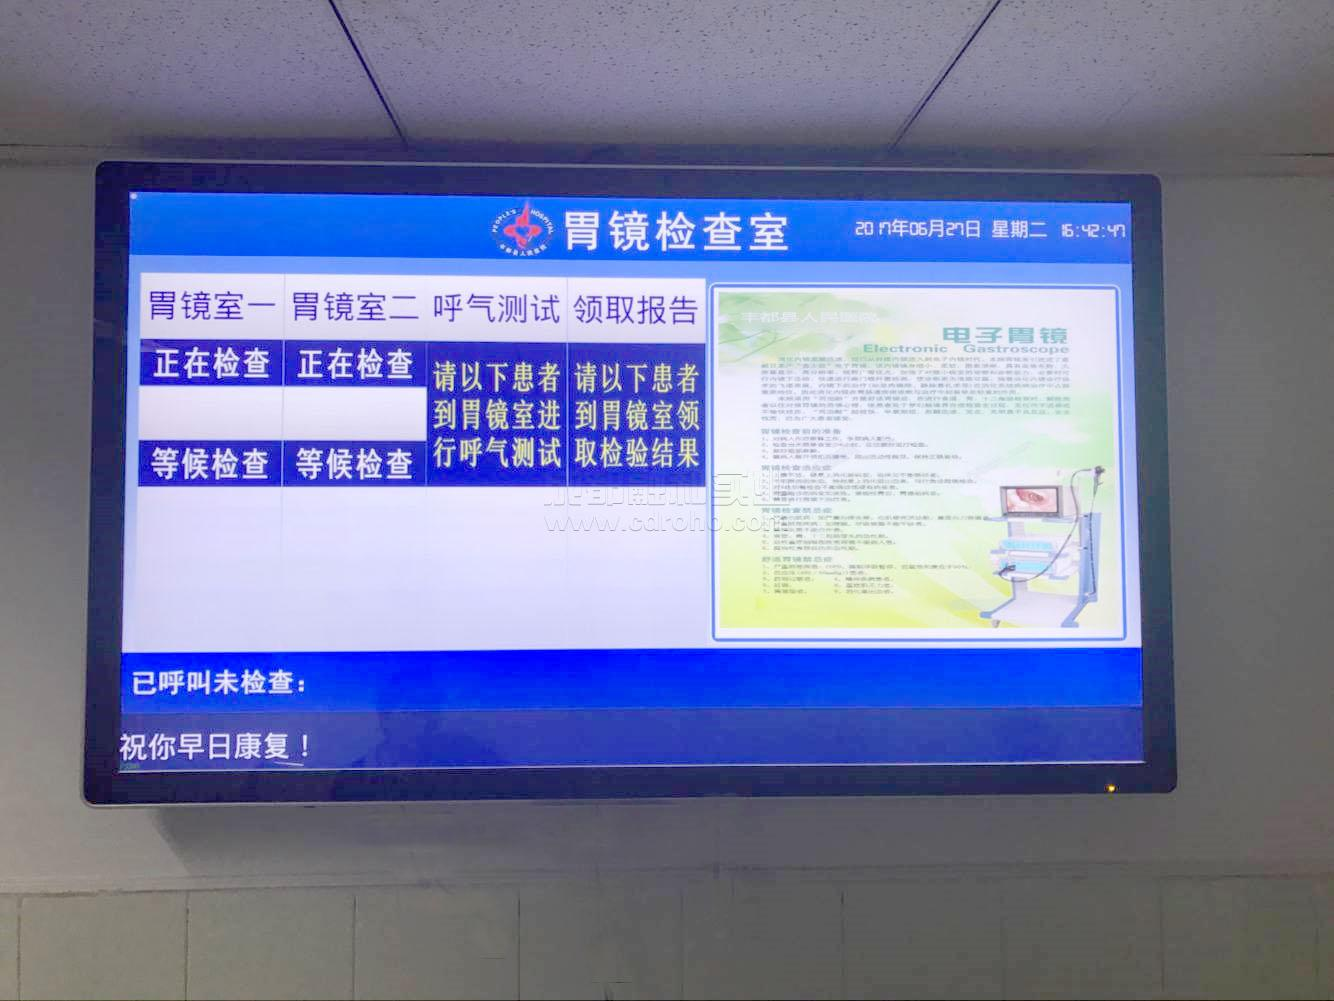 胃镜科室排队液晶信息显示